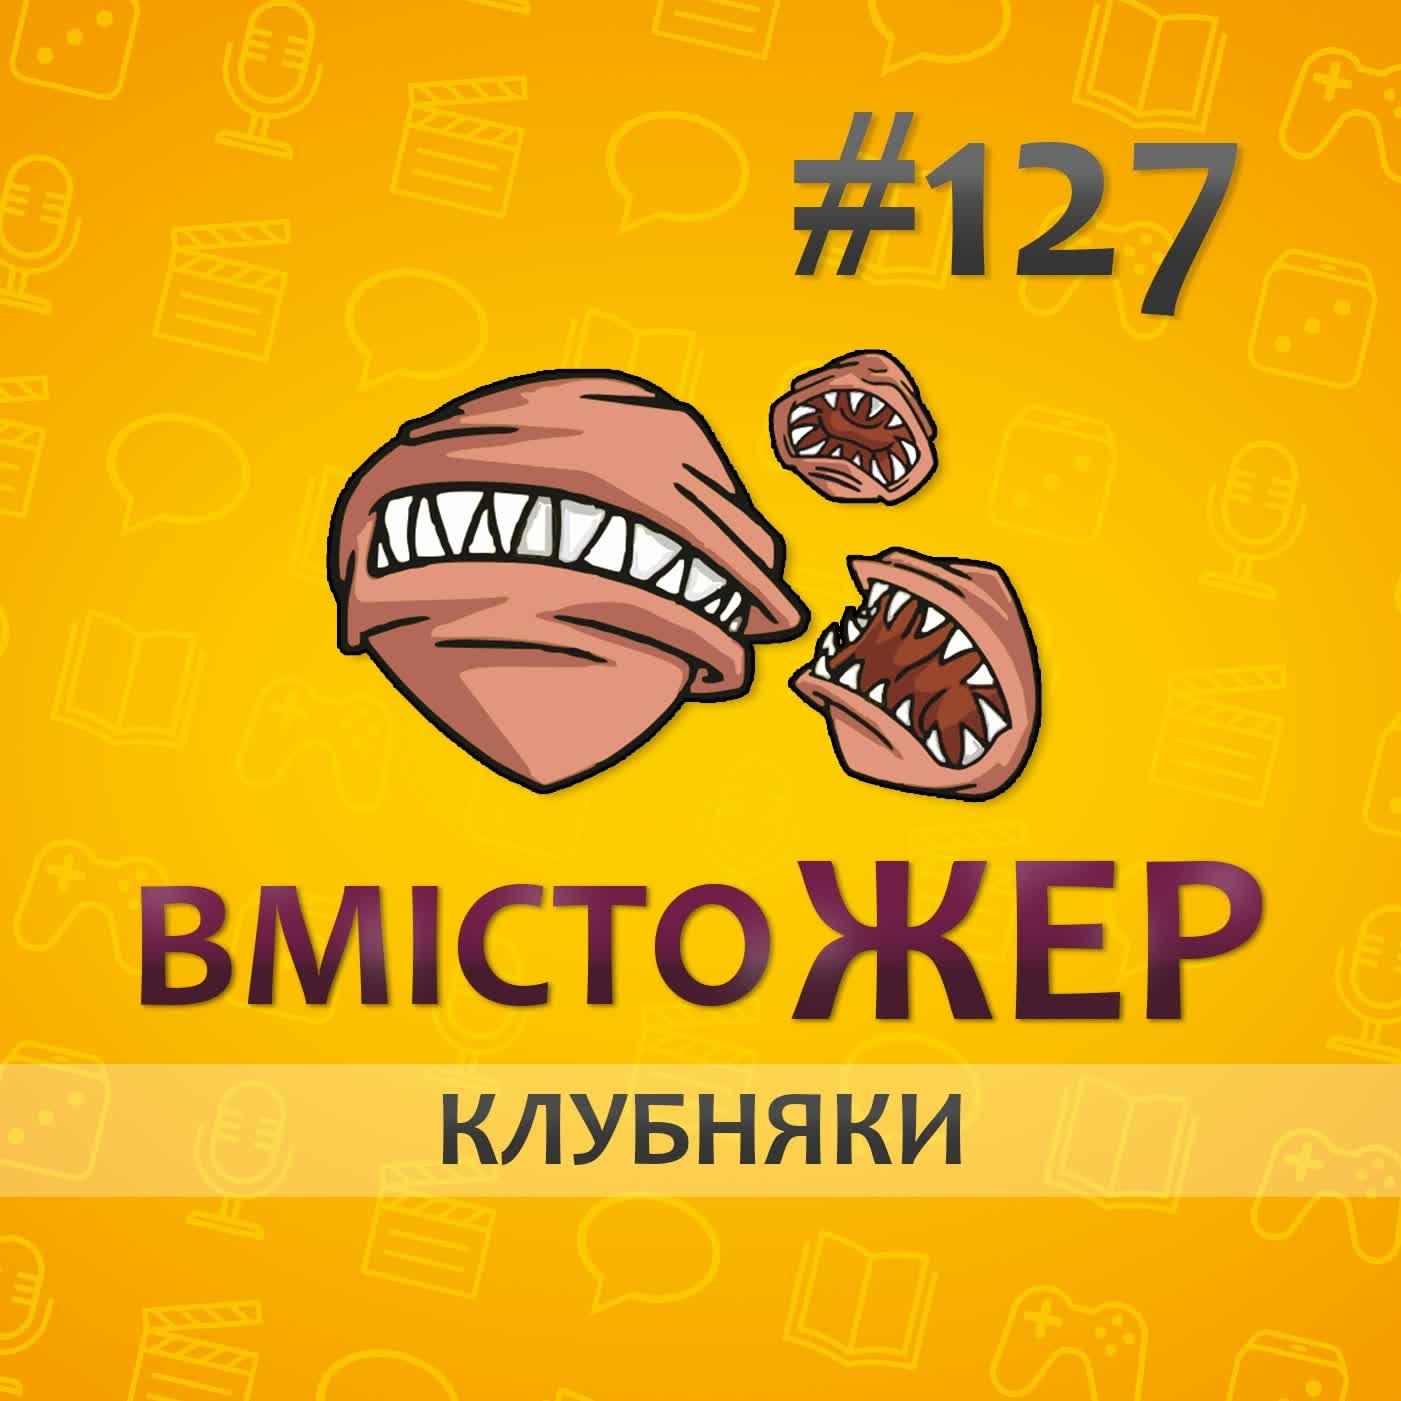 Вмістожер 127 — КЛУБНЯКИ